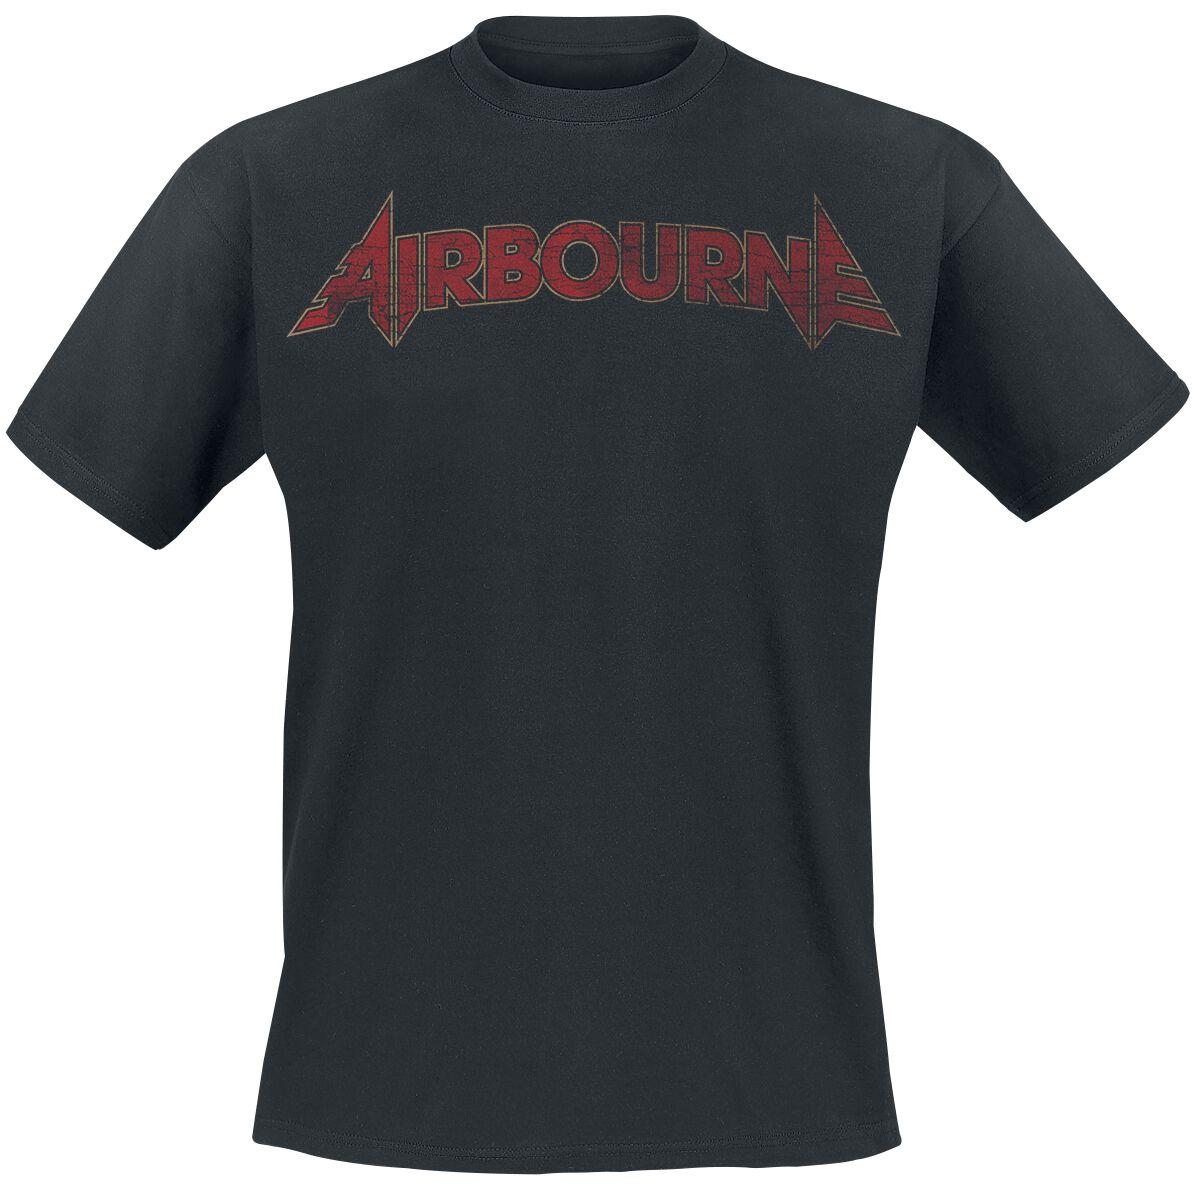 Zespoły - Koszulki - T-Shirt Airbourne Cracked Logo T-Shirt czarny - 369994